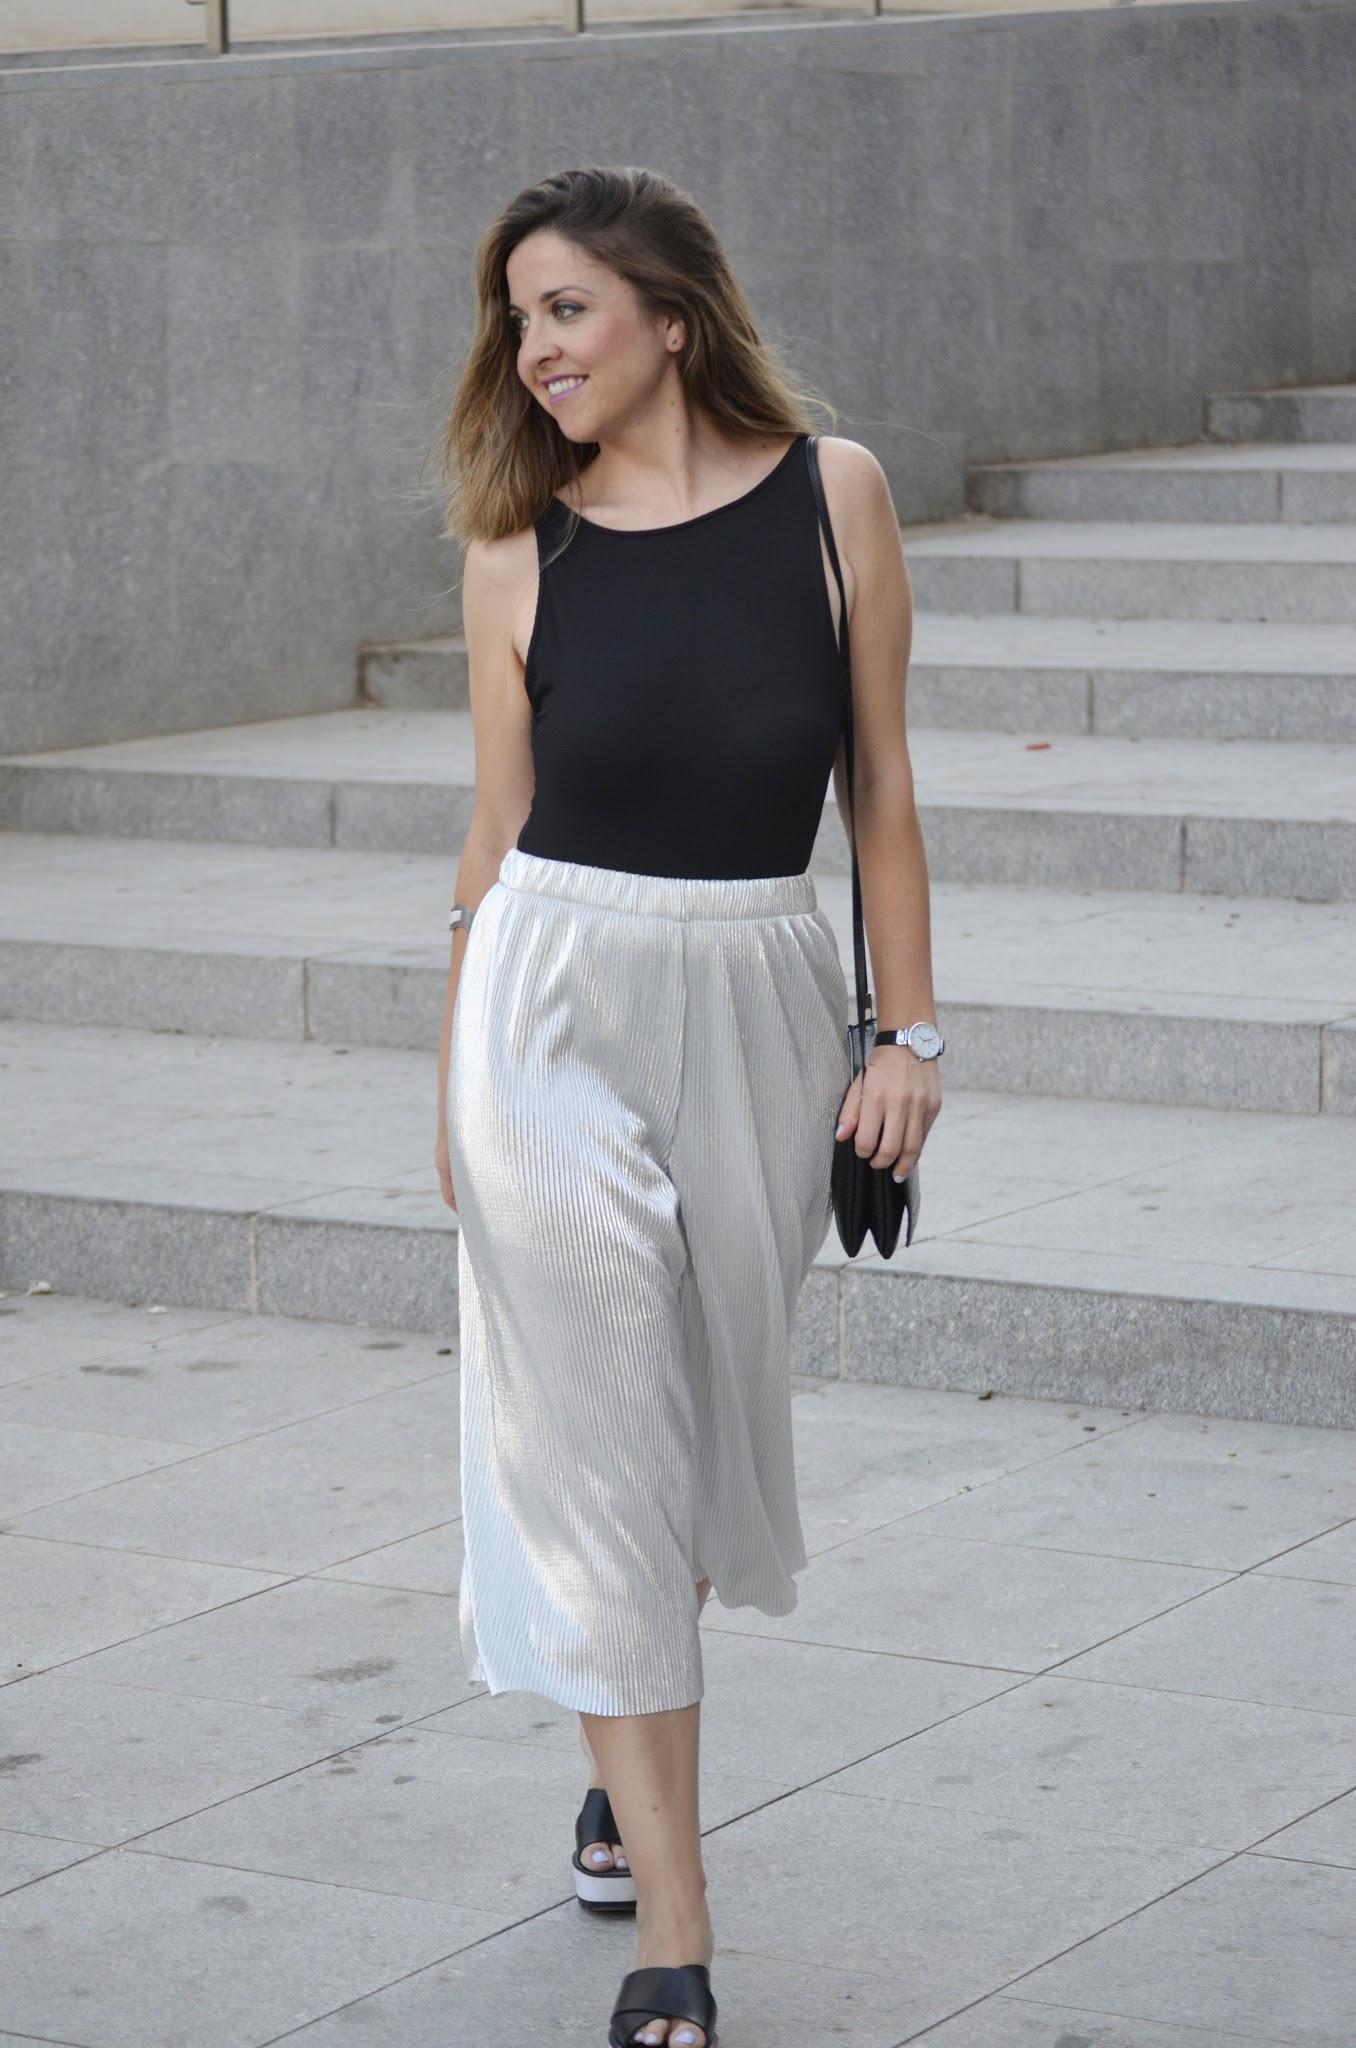 pantalon_culotte_plisado_plata_sales_zara